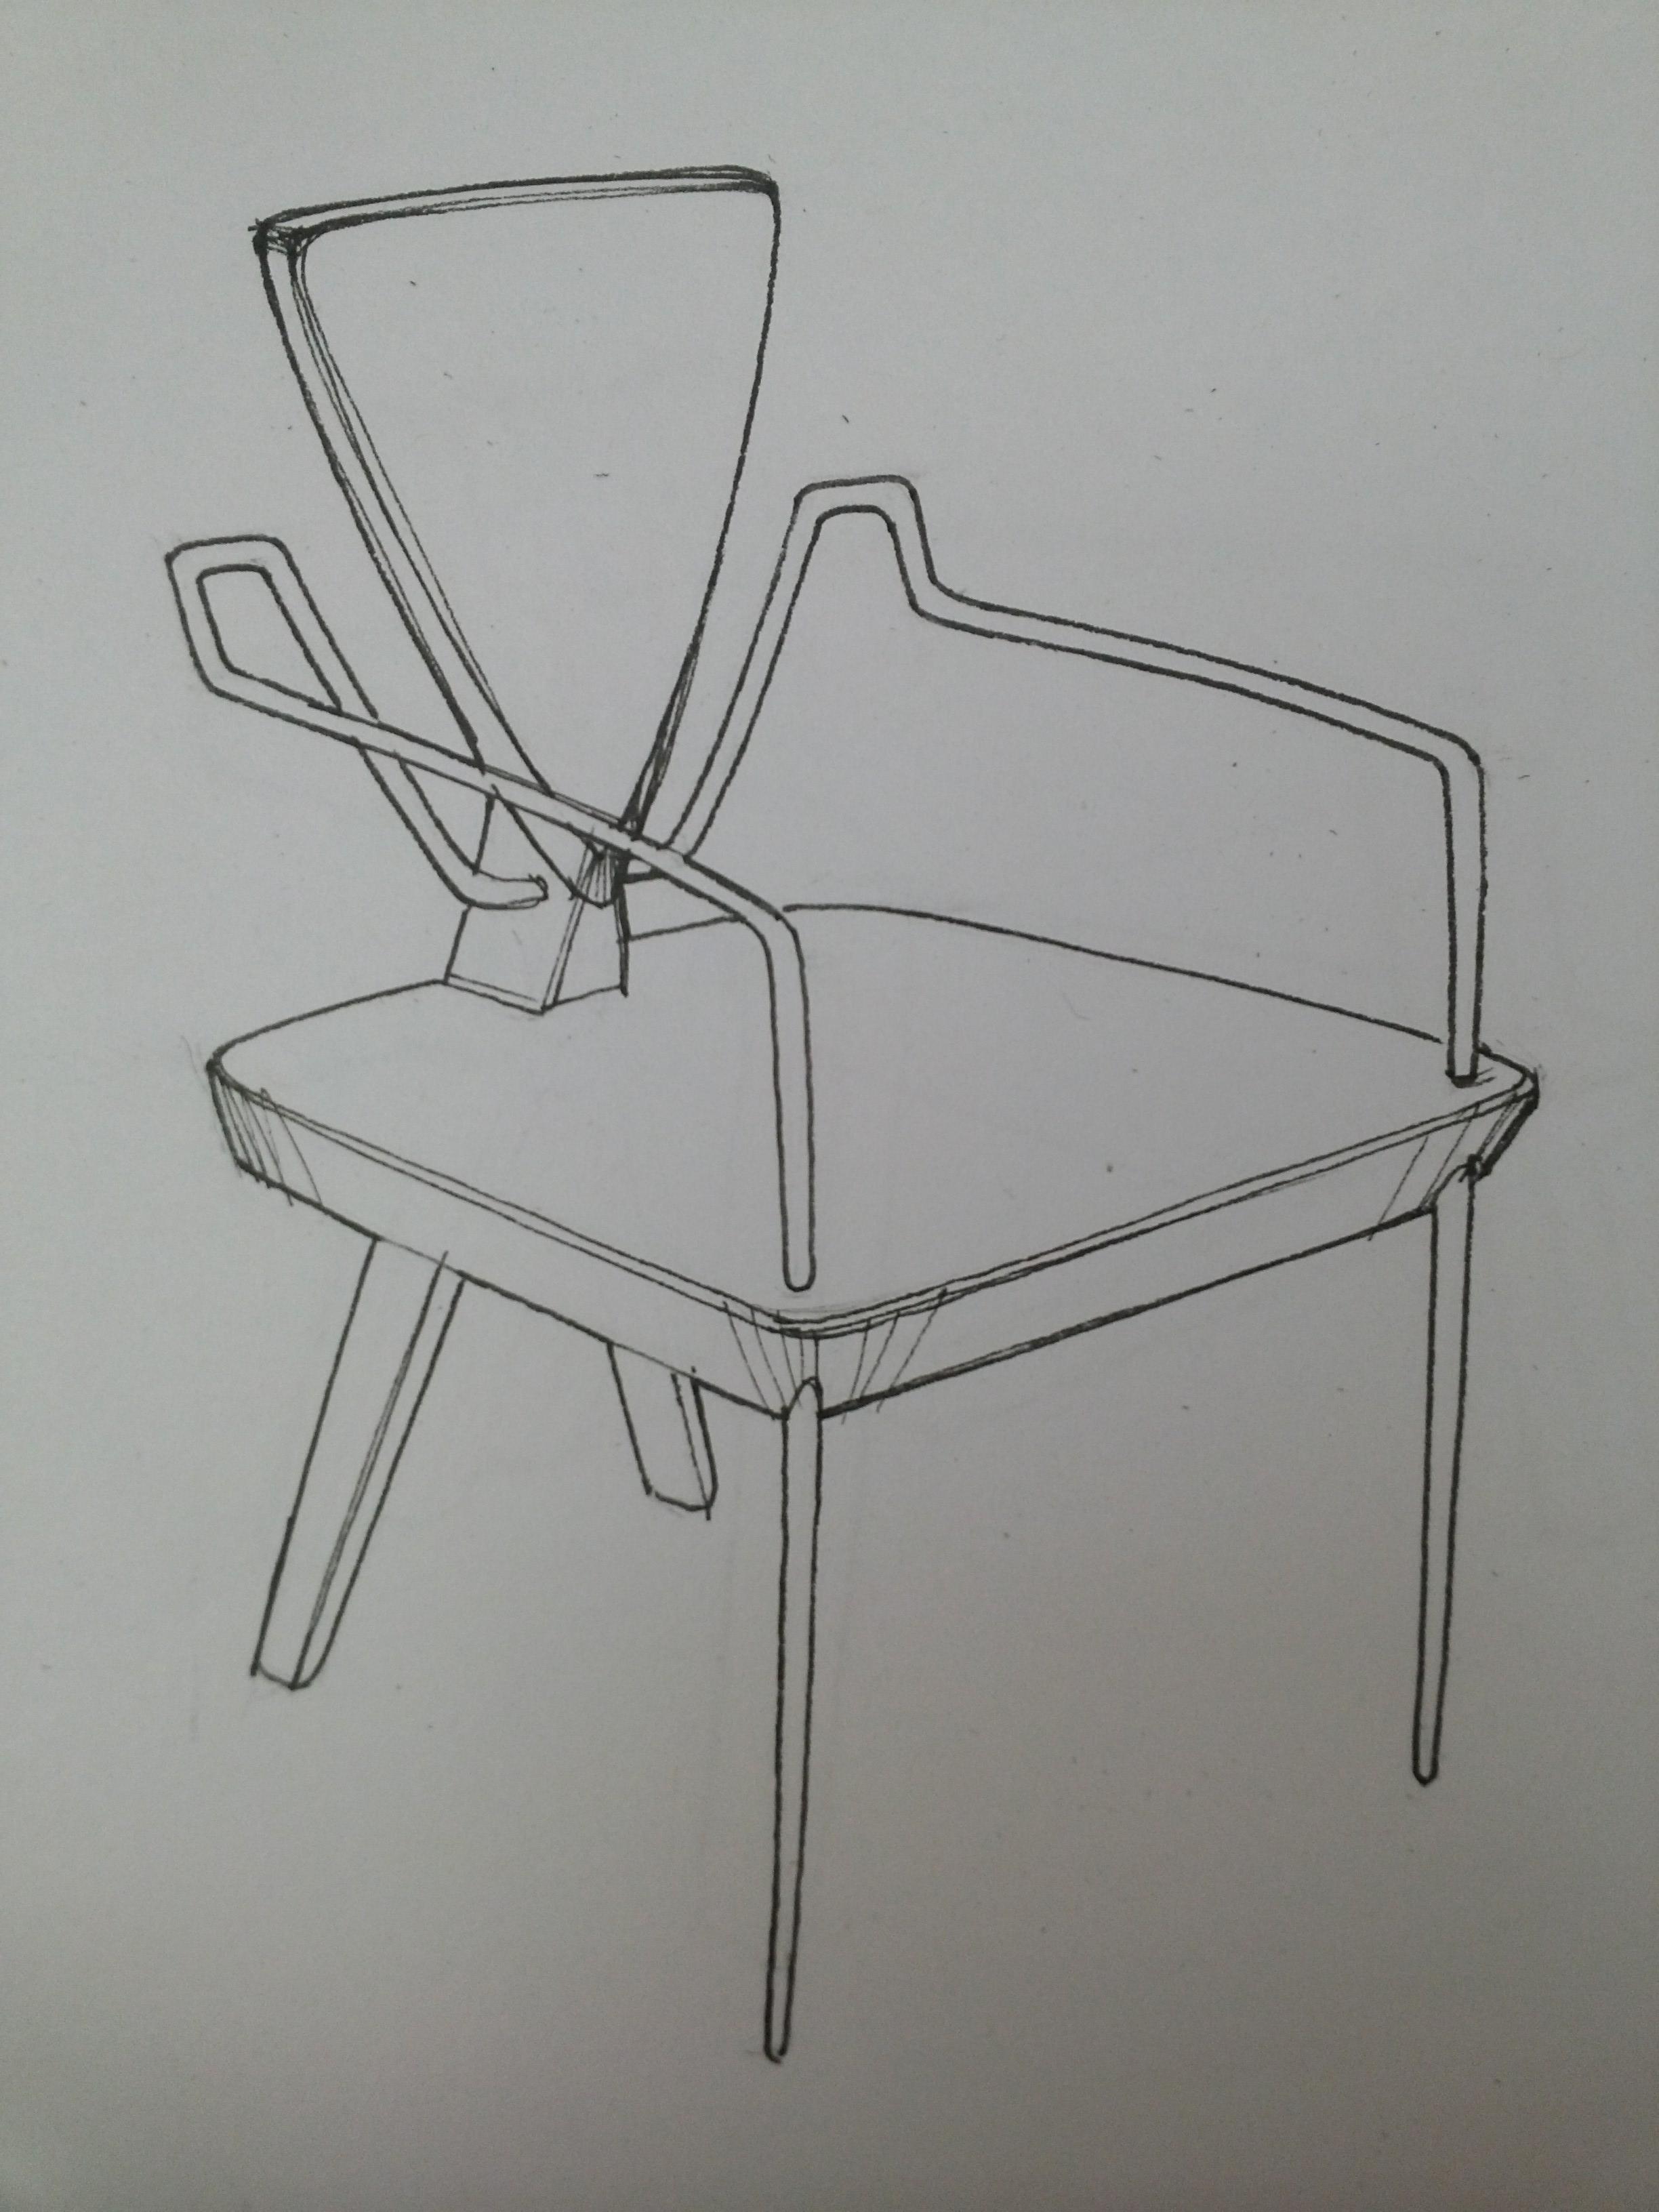 纯手绘产品设计,发上来和大家讨论讨论